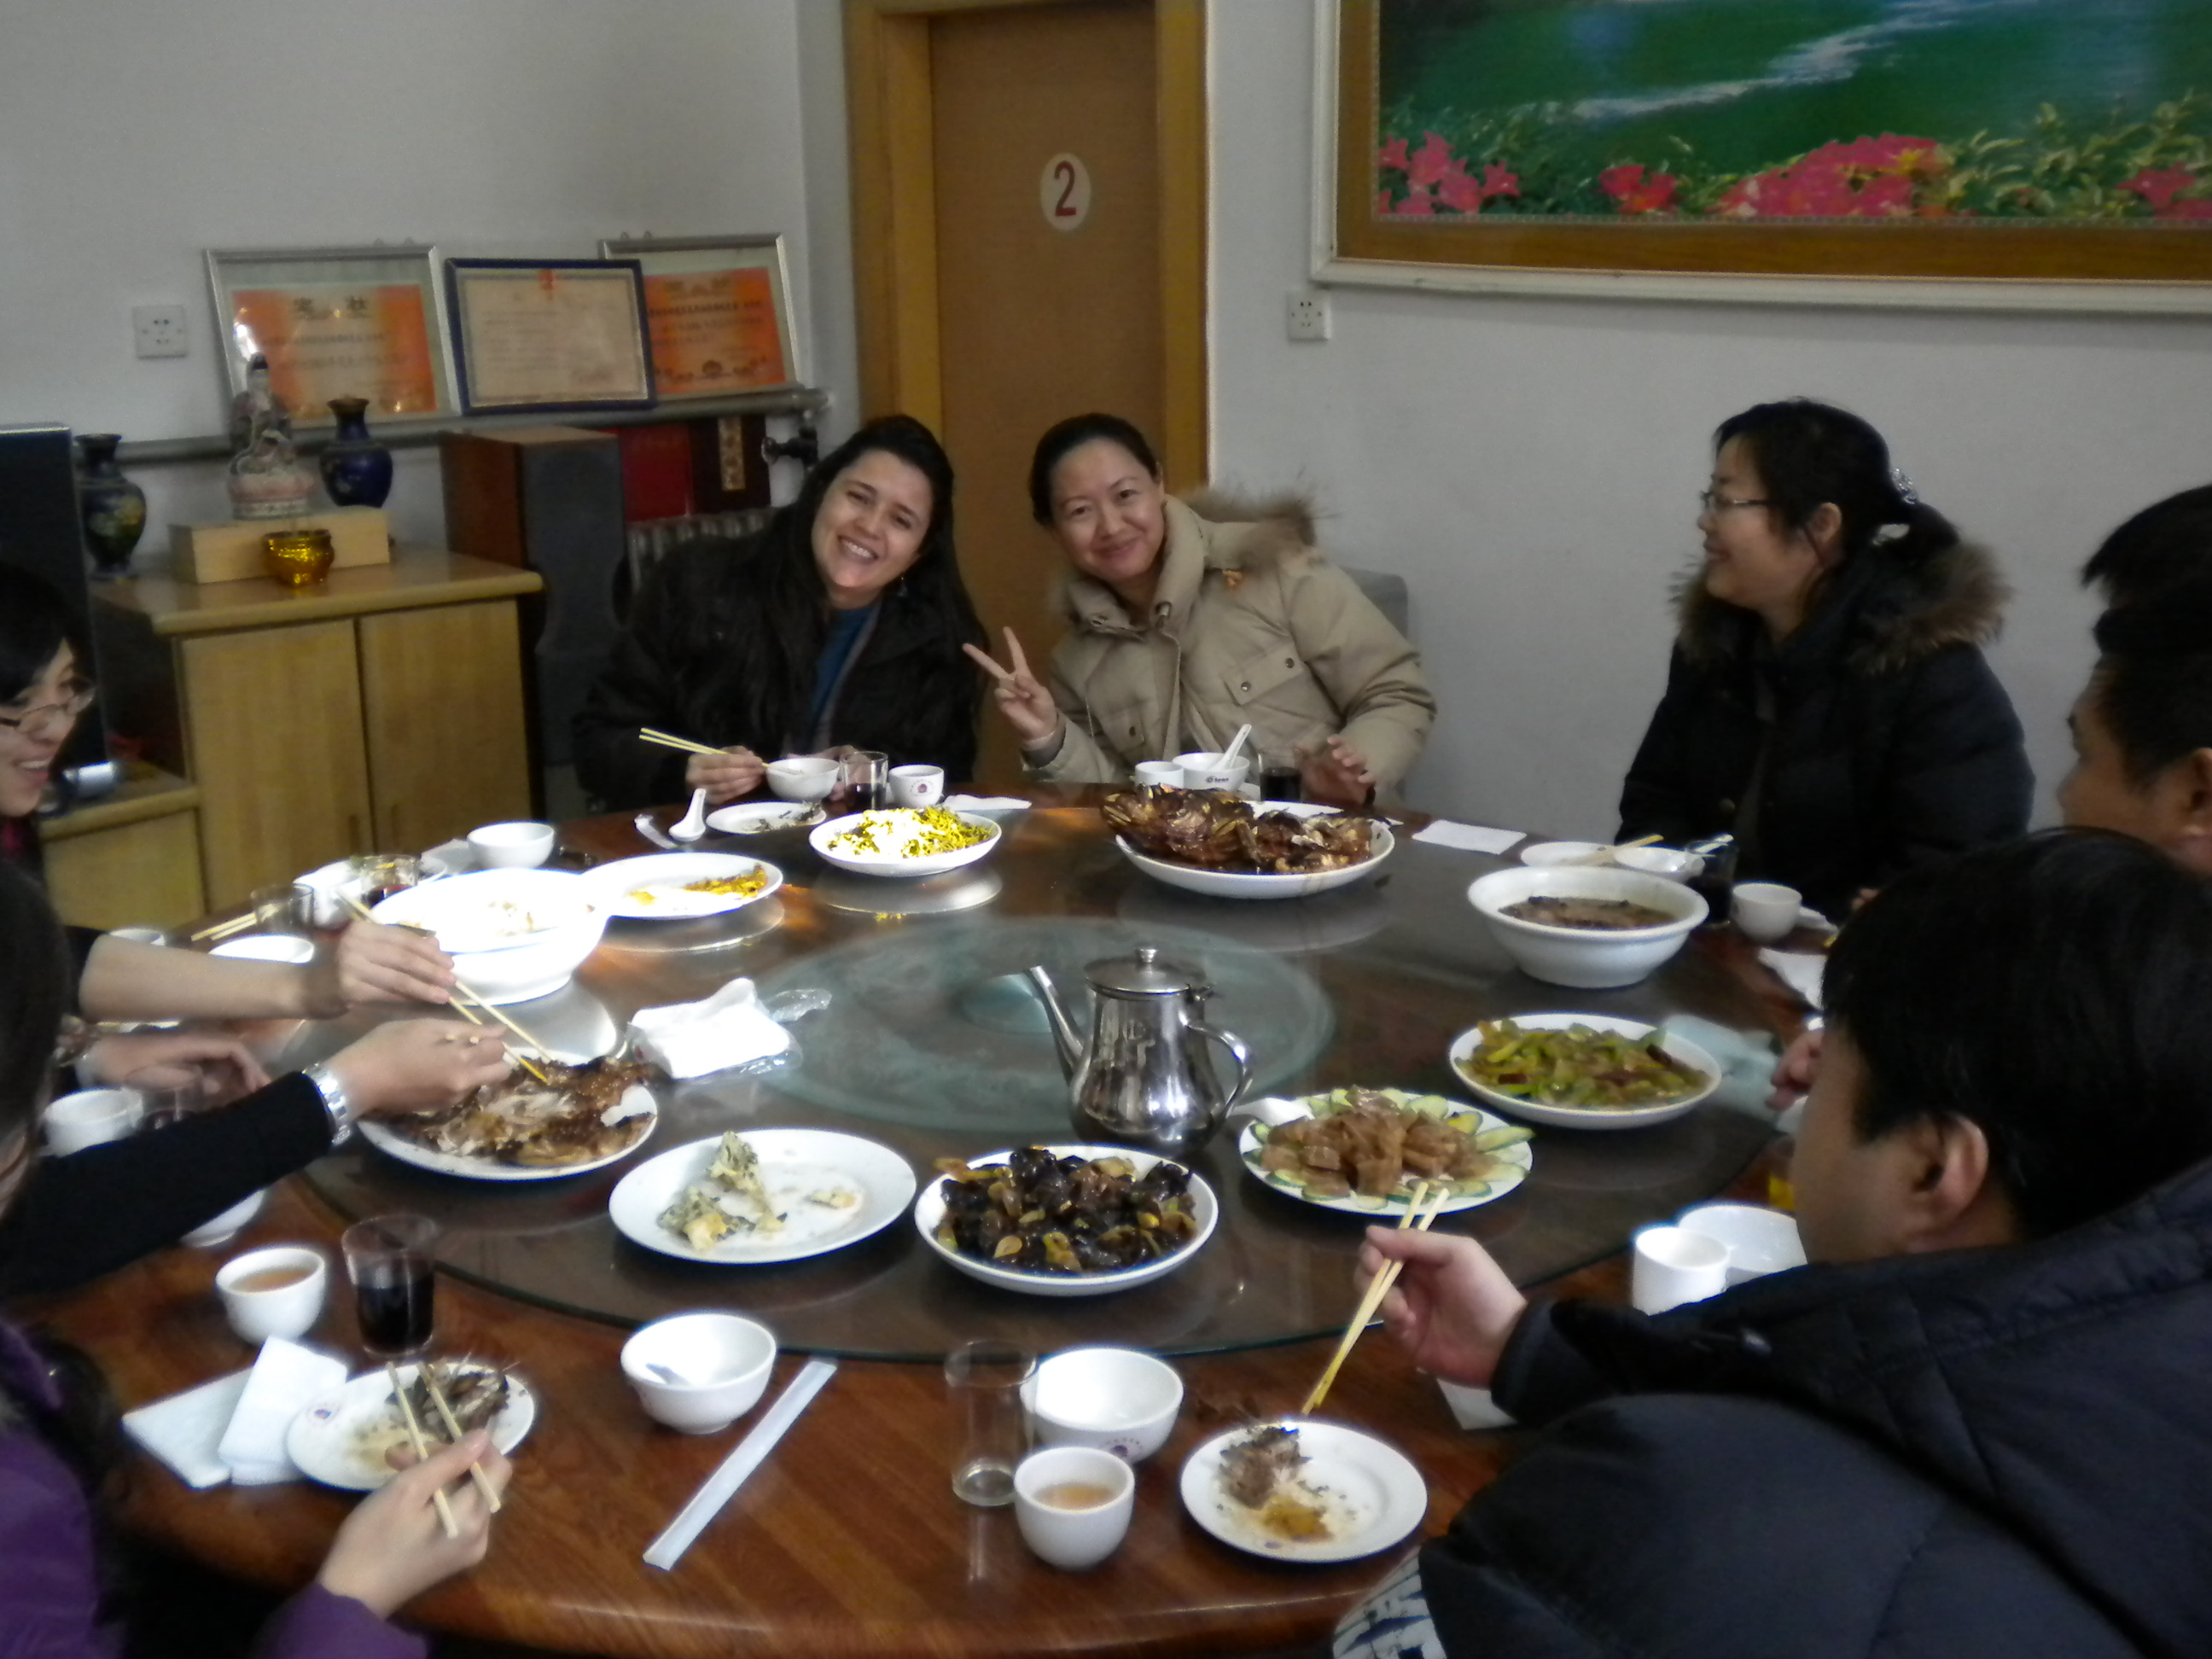 Almoço depois da reunião na casa/restaurante à 2 horas de Beijing #624227 2592 1944